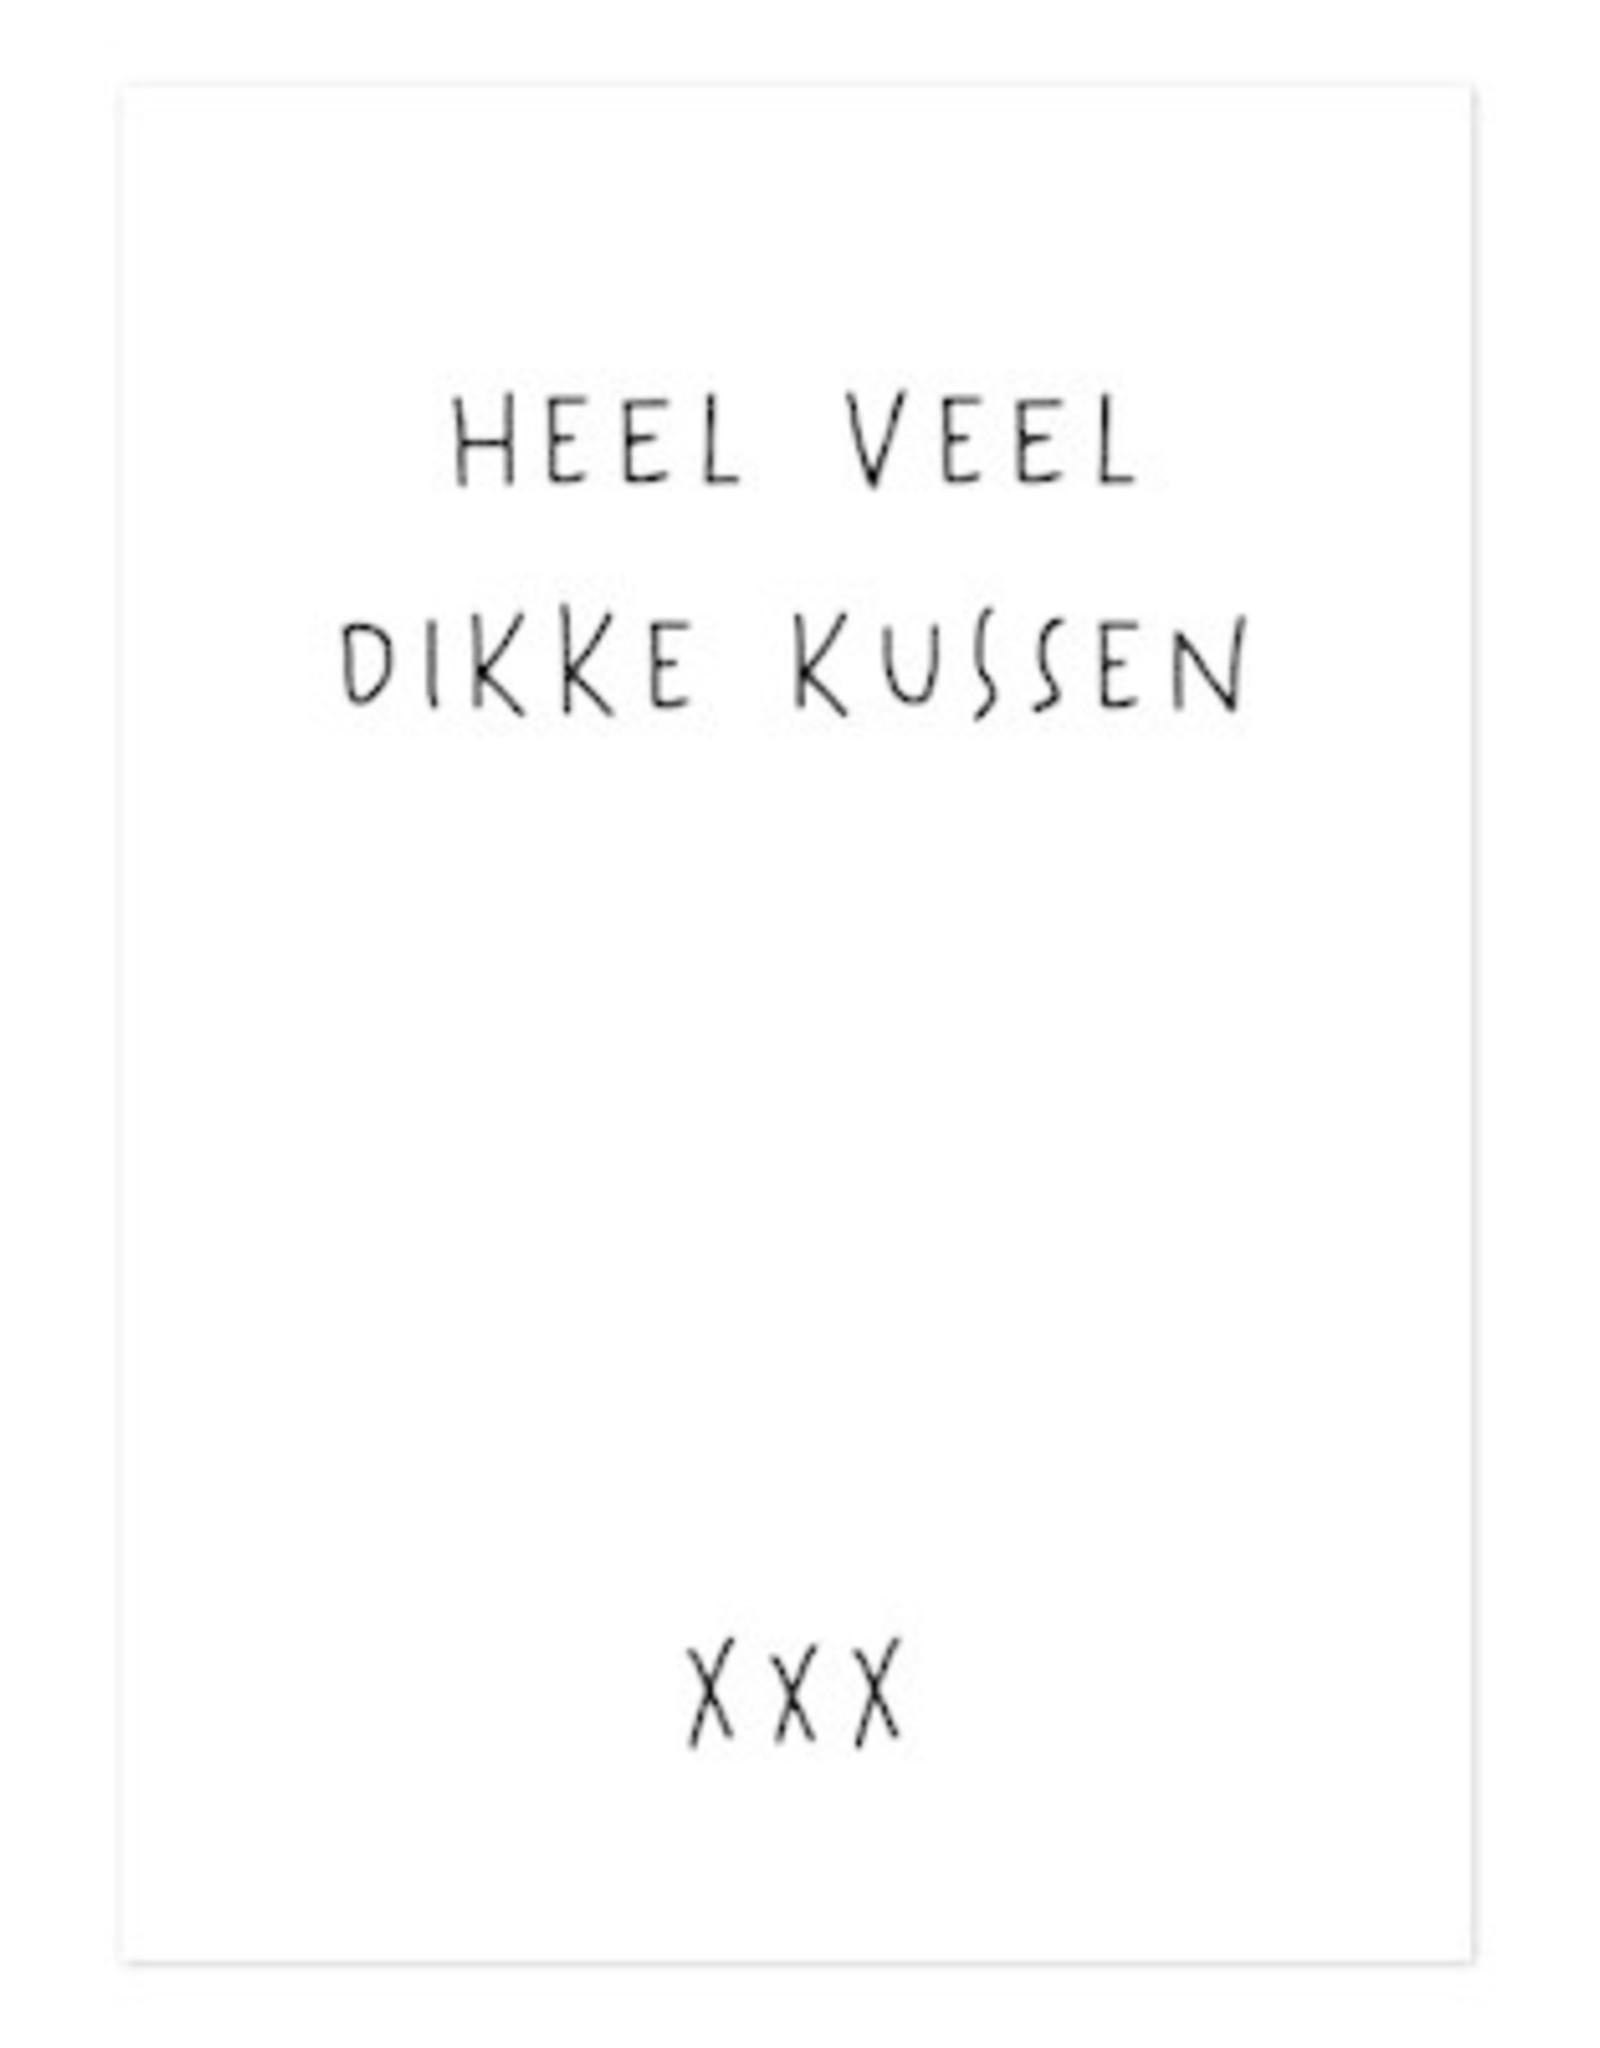 Hofje van Kieka kaart a6 Hofje van Kieka heel veel dikke kussen